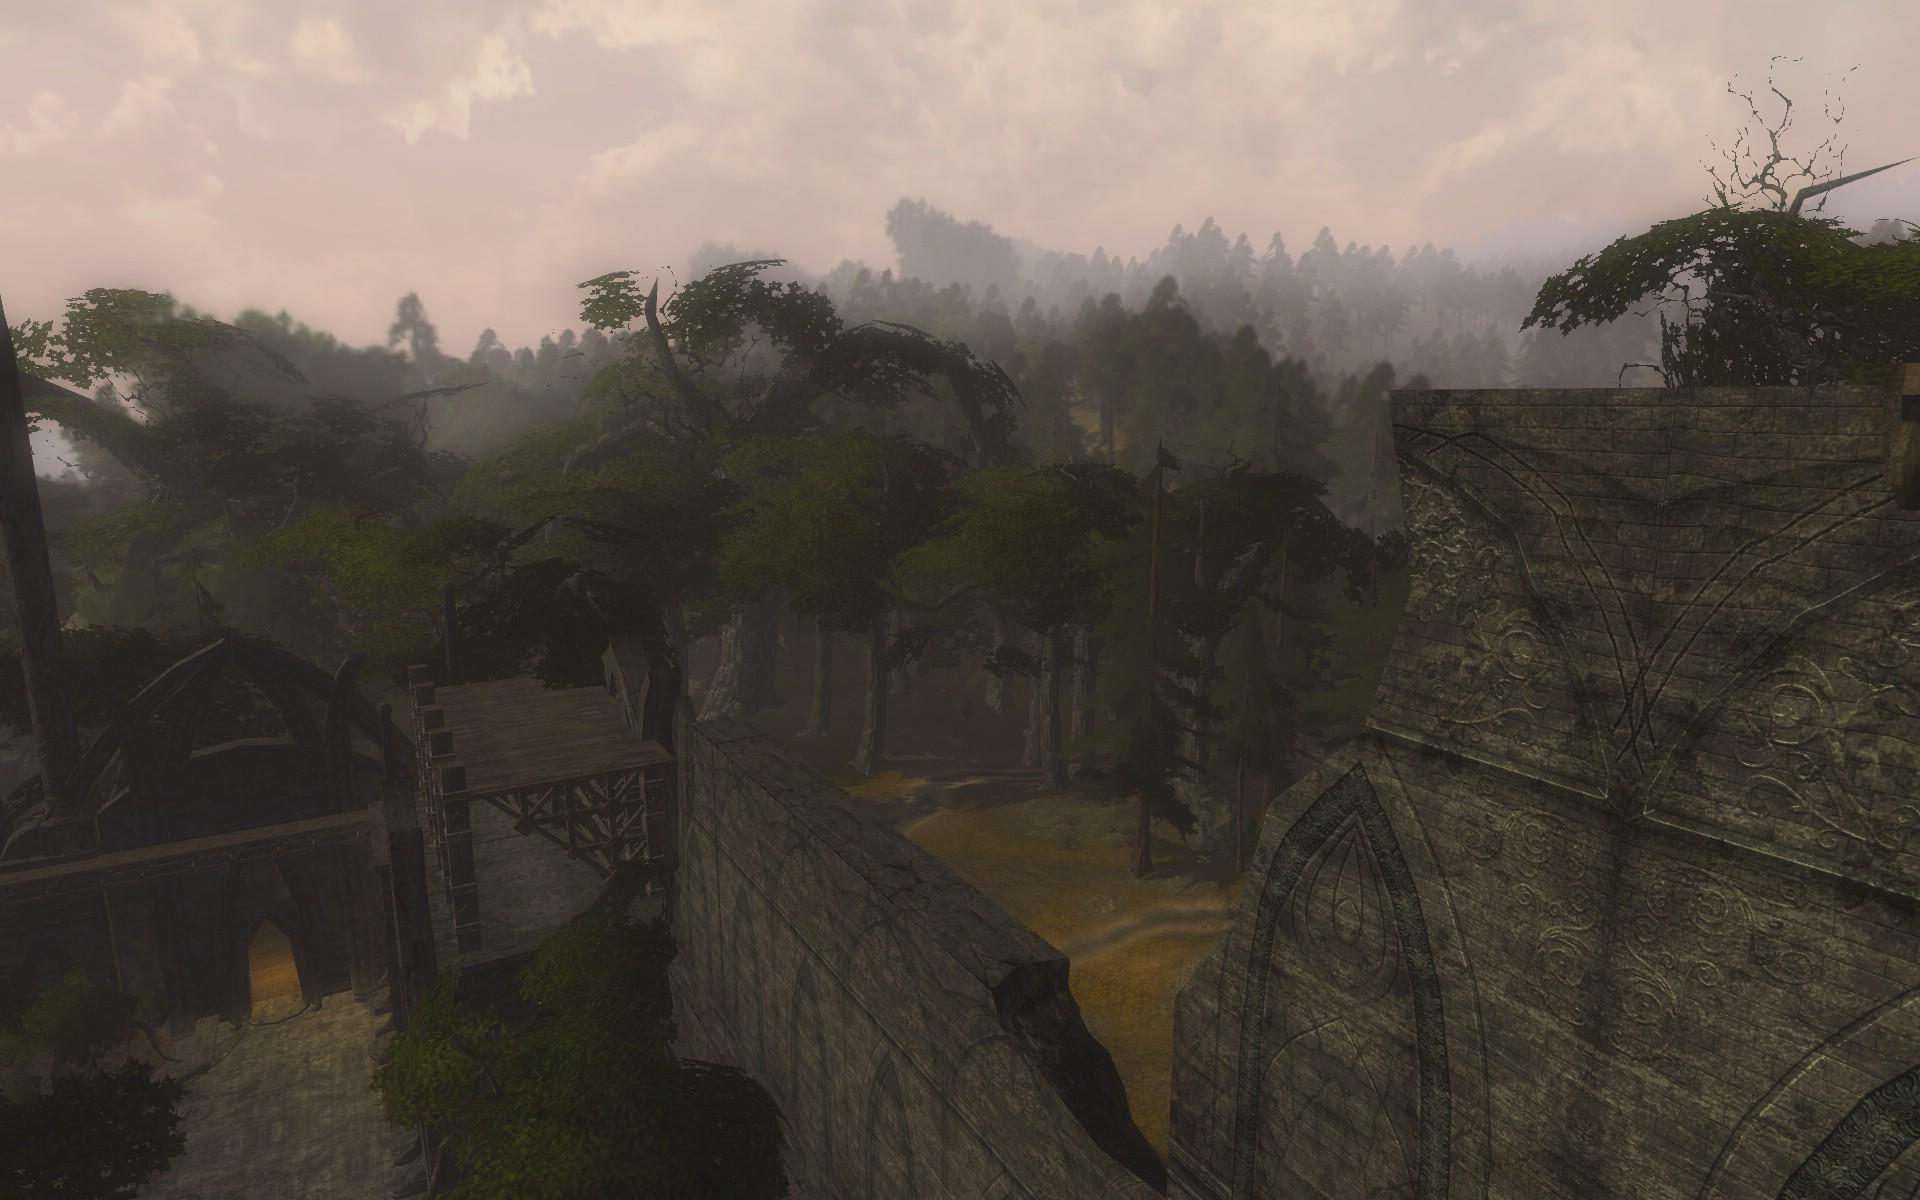 『ロード・オブ・ザ・リングス オンライン』における闇の森の、エルフの拠点となっている廃墟から眺めた光景